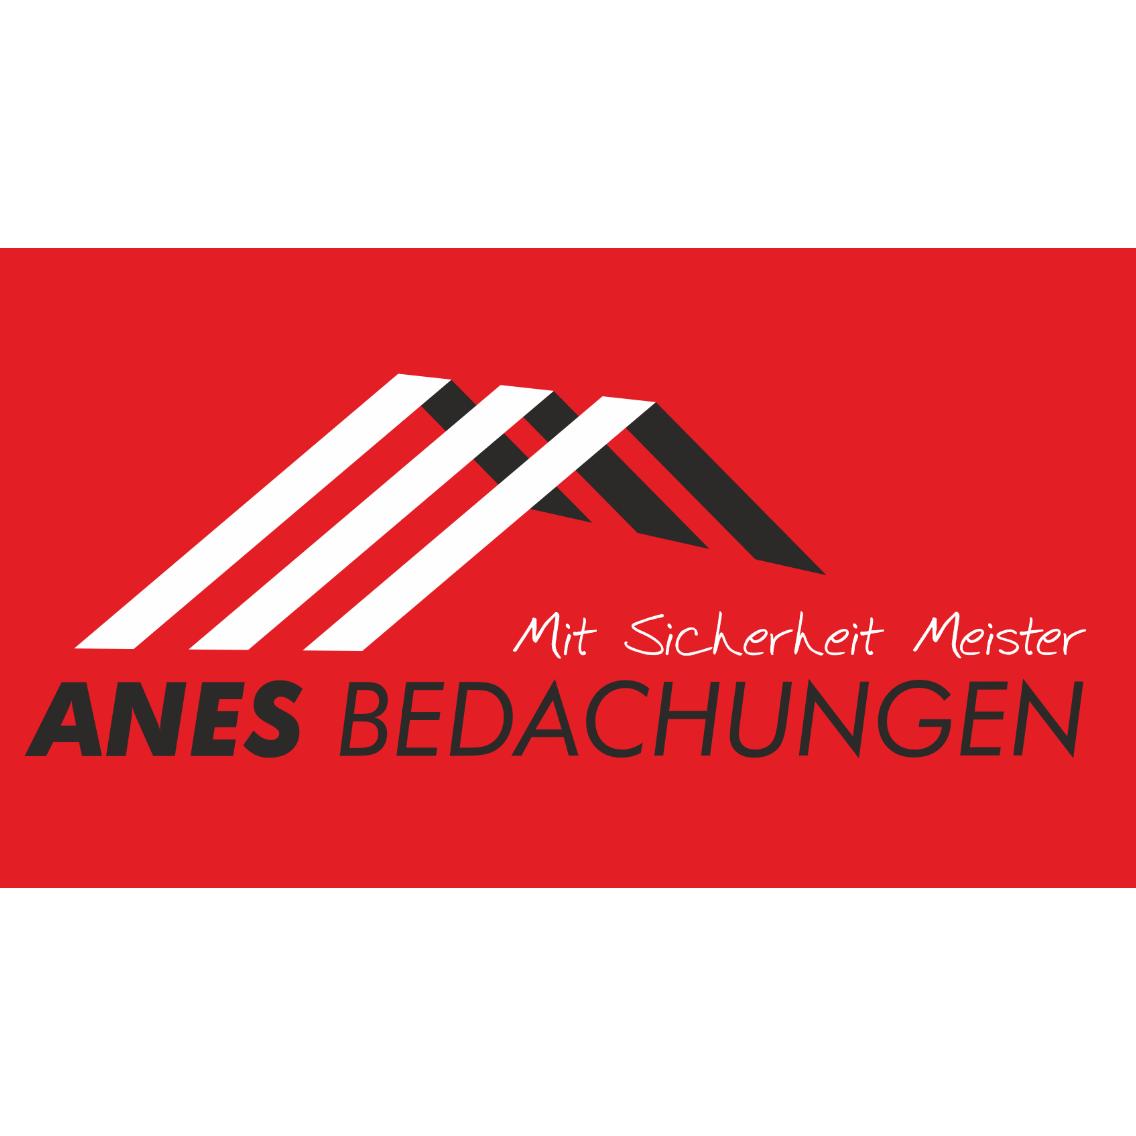 Bild zu ANES BEDACHUNGEN in Kassel